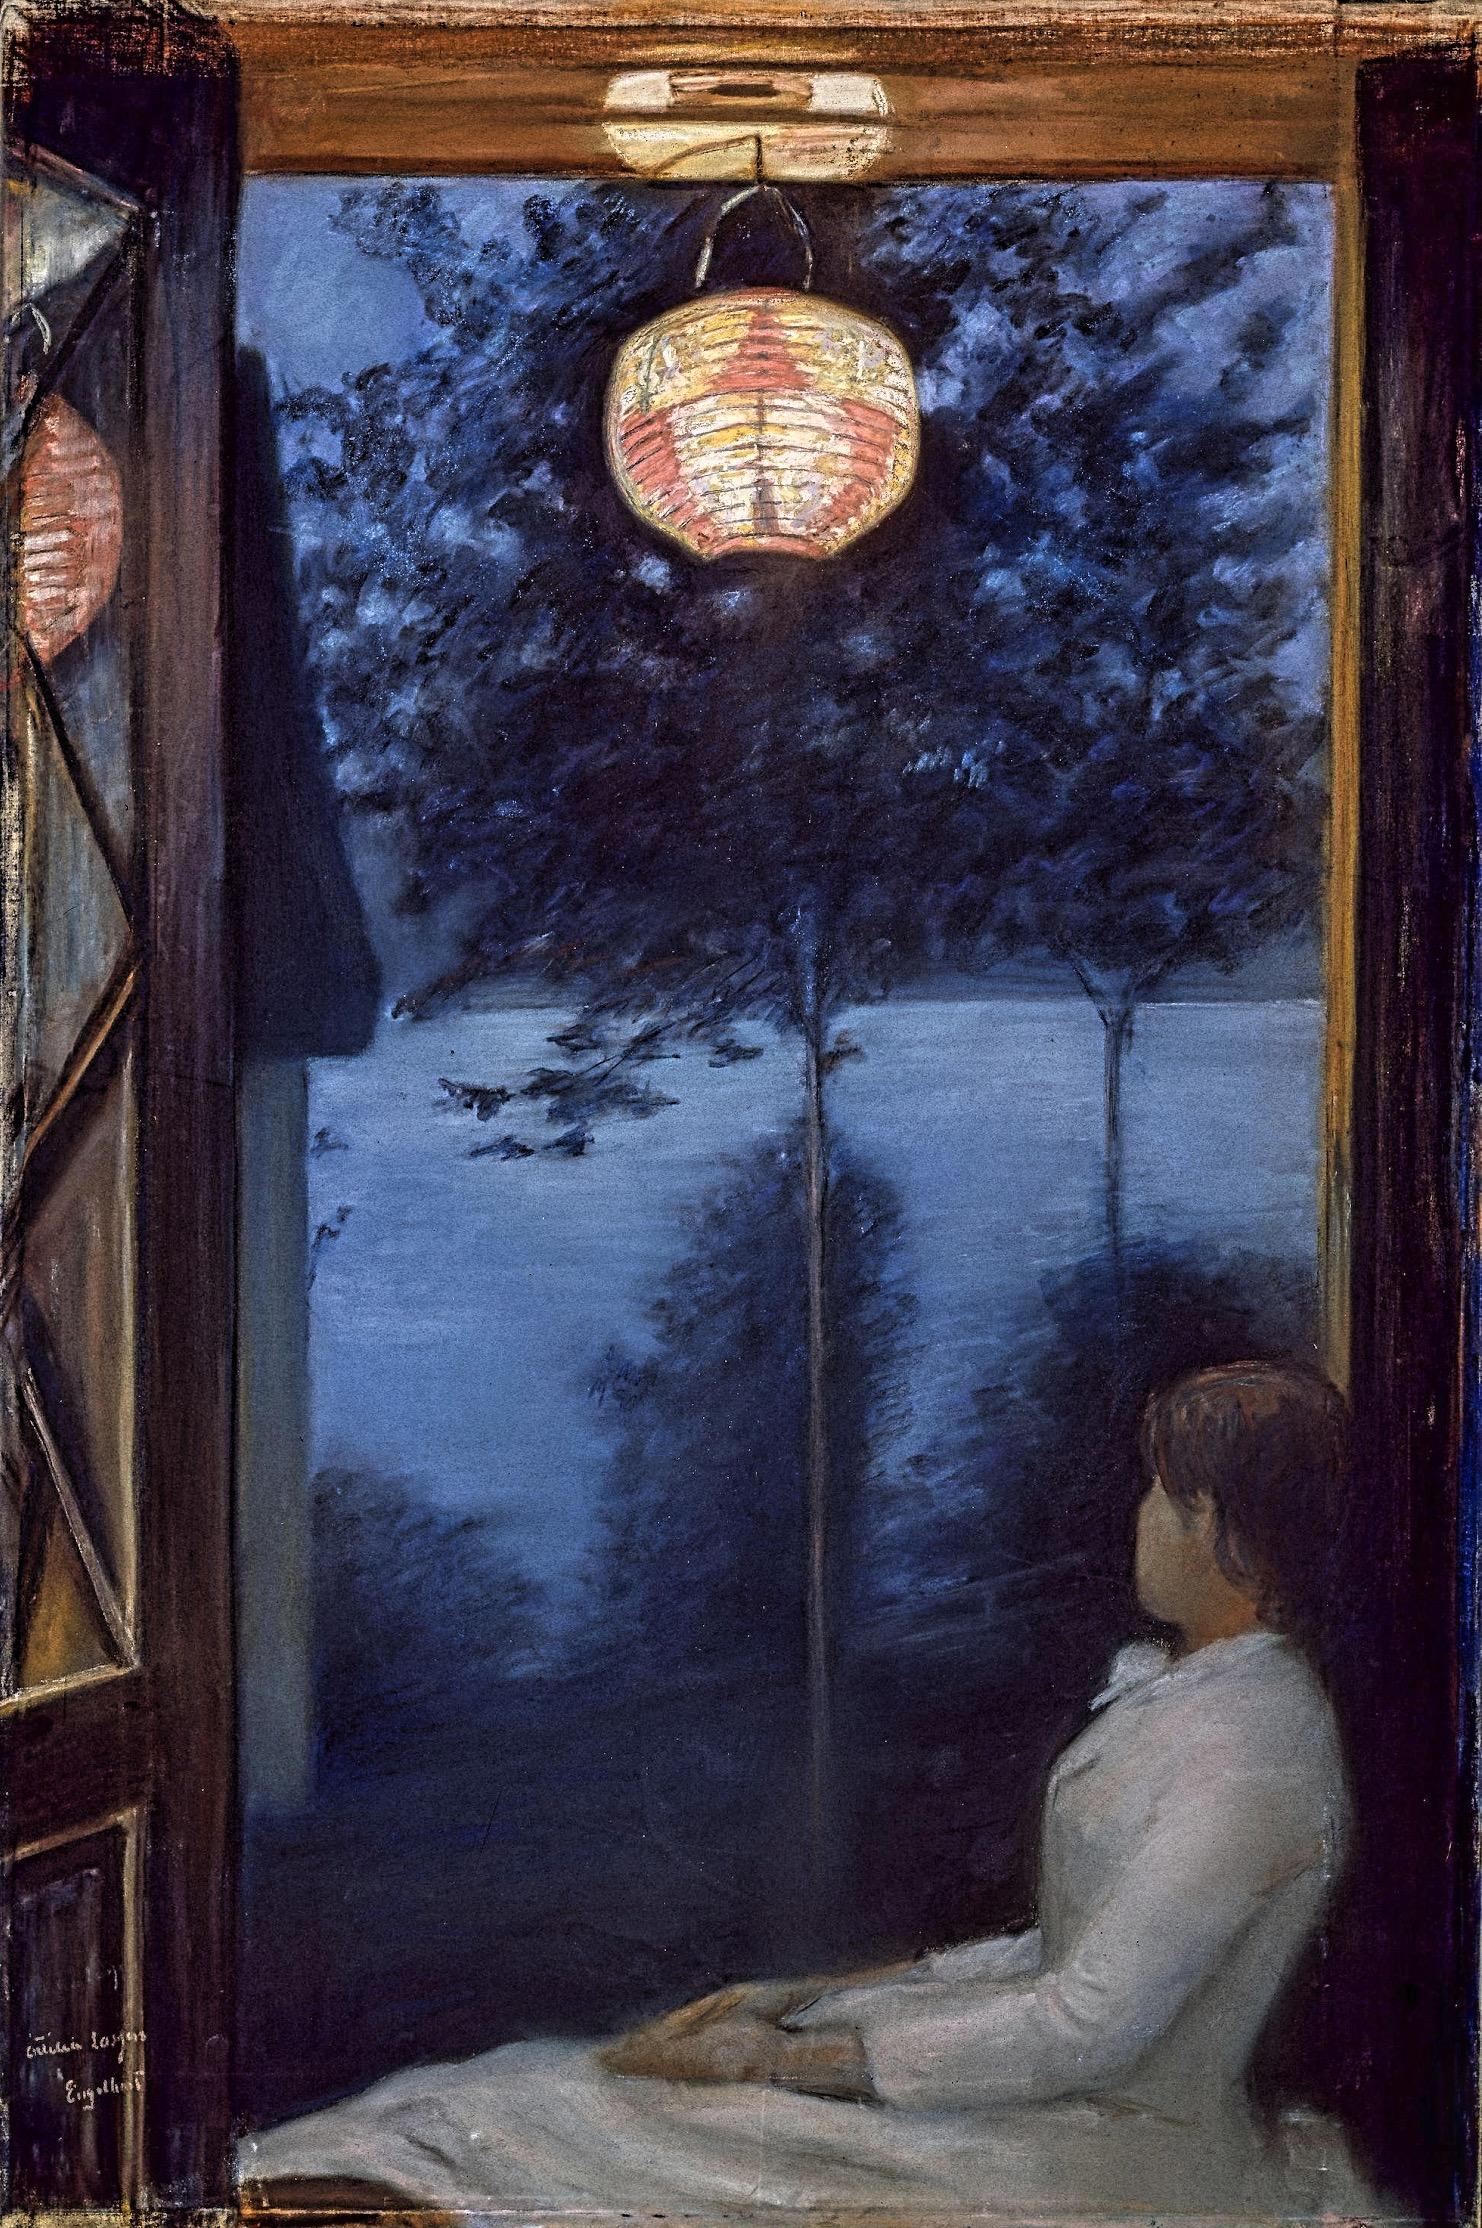 Oda Krohg Une Lanterne japonaise (CLIQUER POUR AGRANDIR)